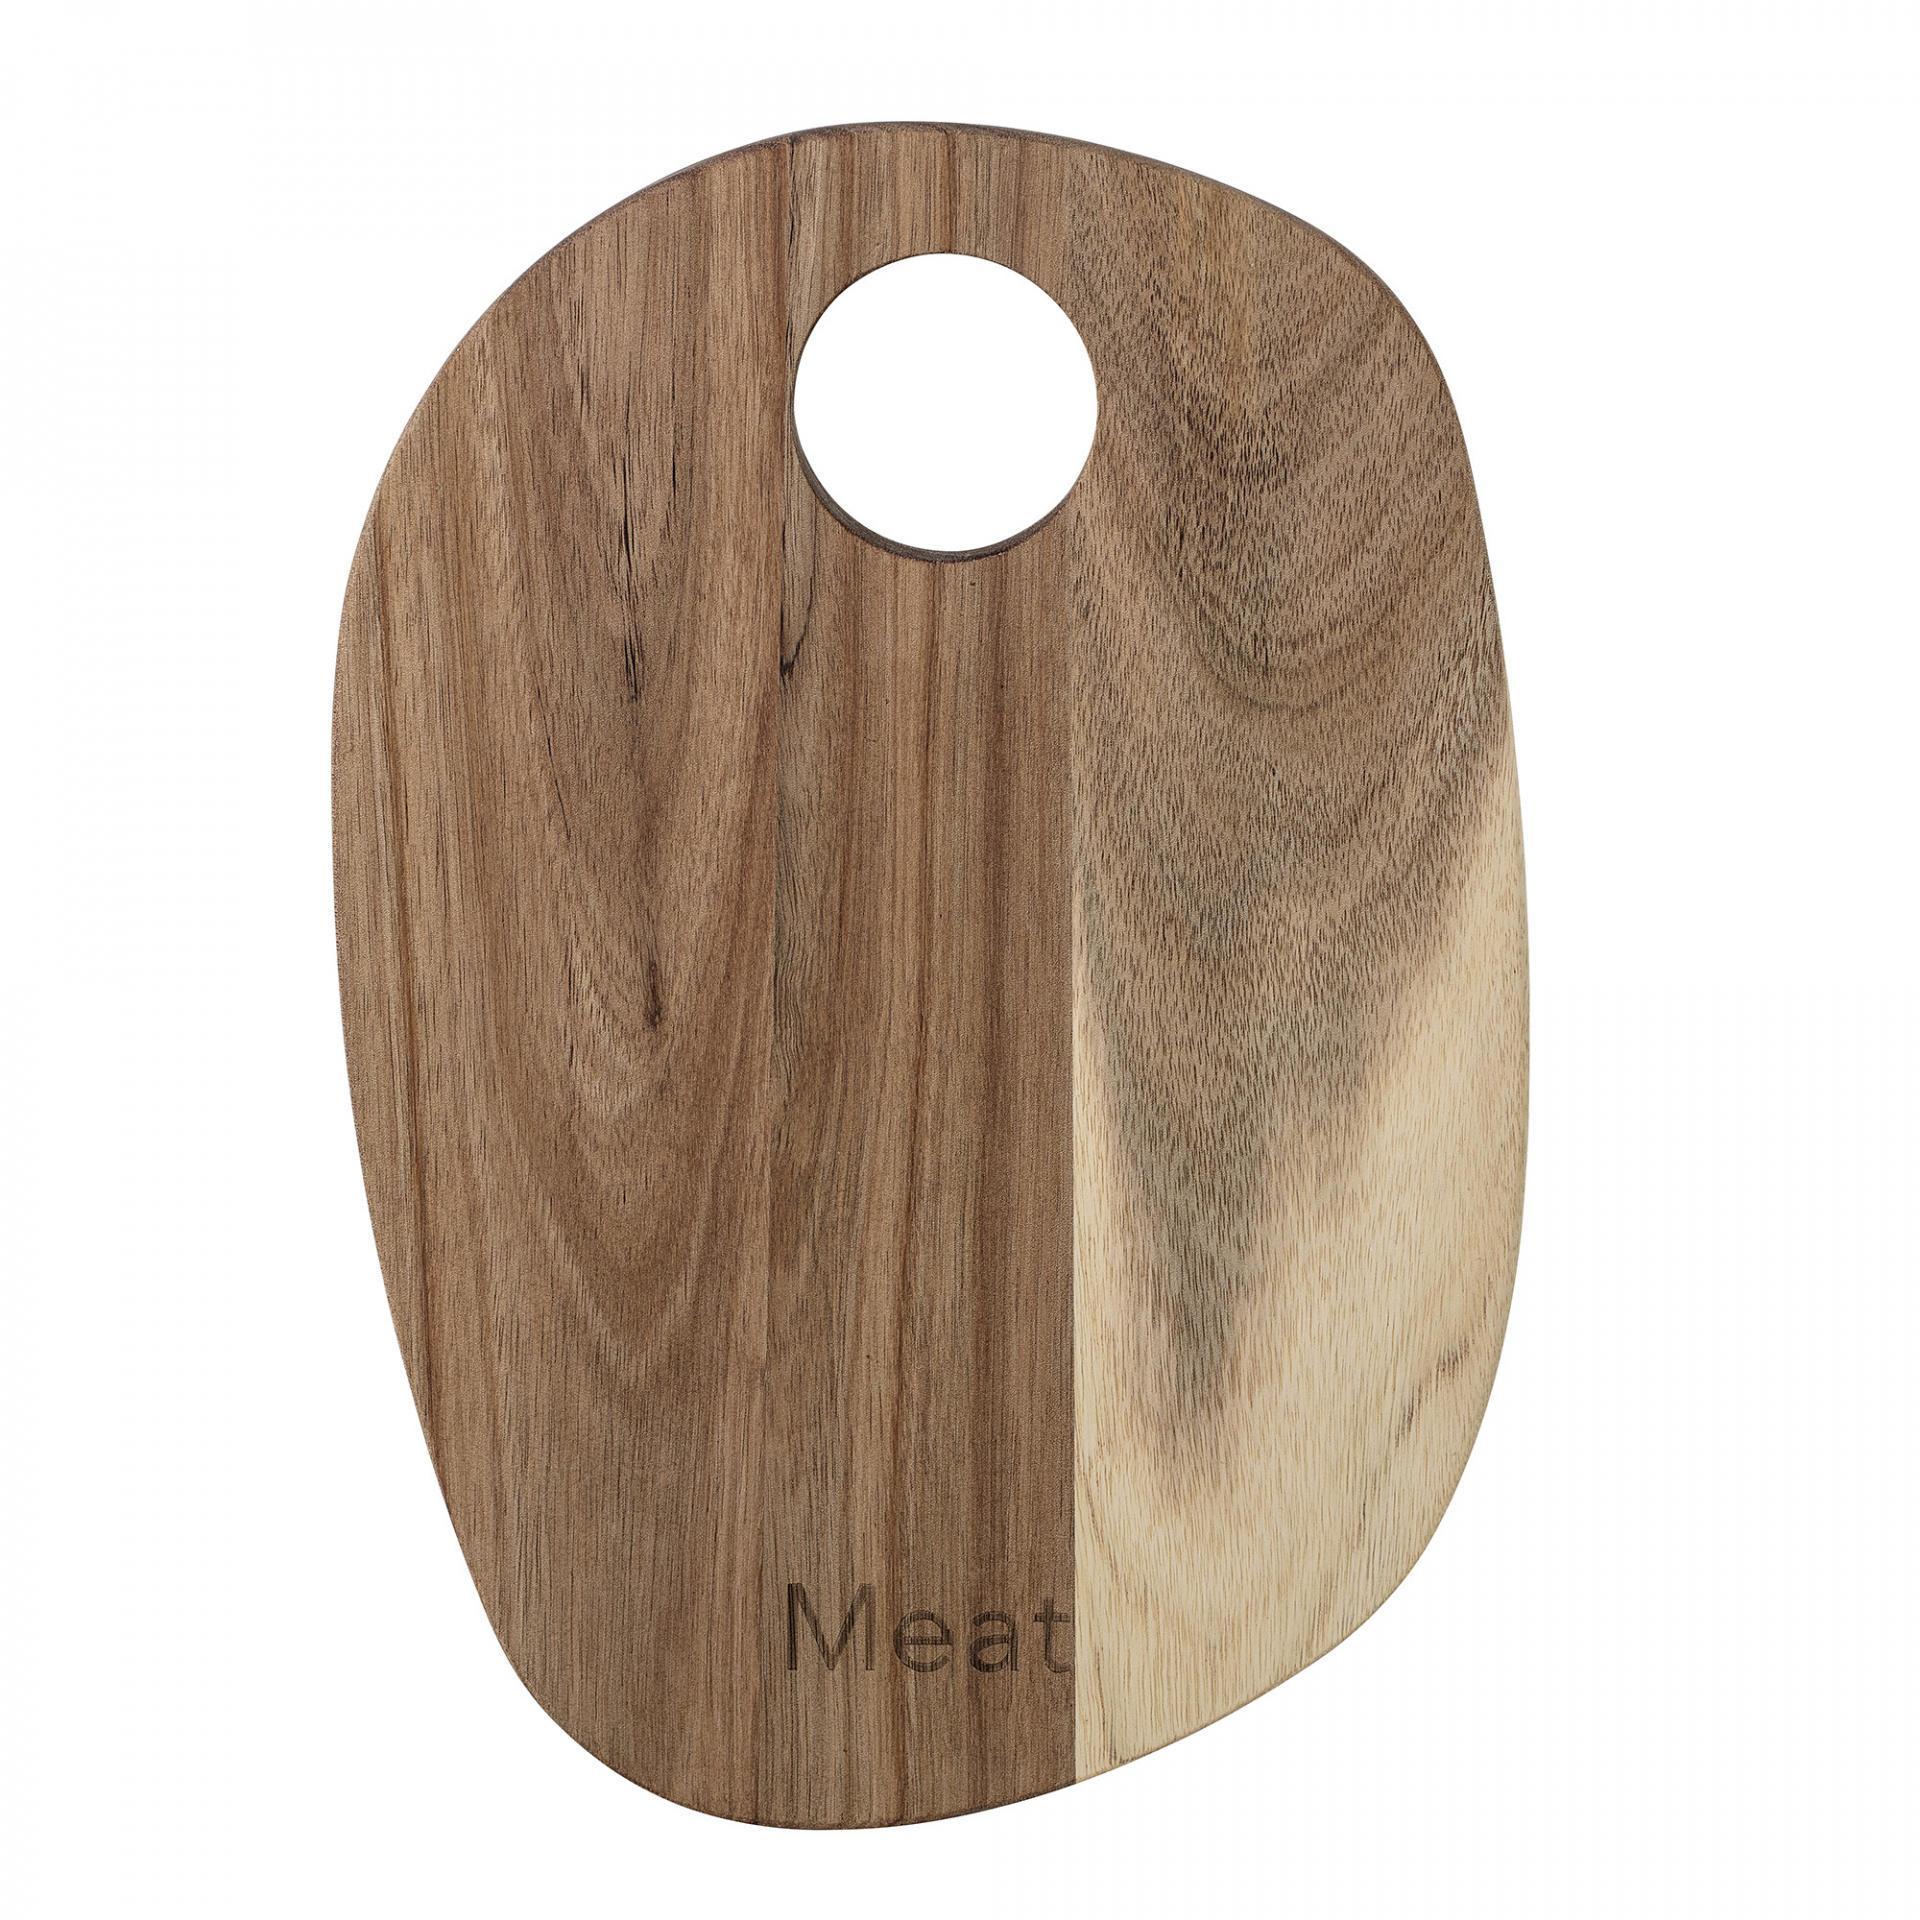 Bloomingville Krájecí prkénko Acacia podlouhlé, hnědá barva, dřevo